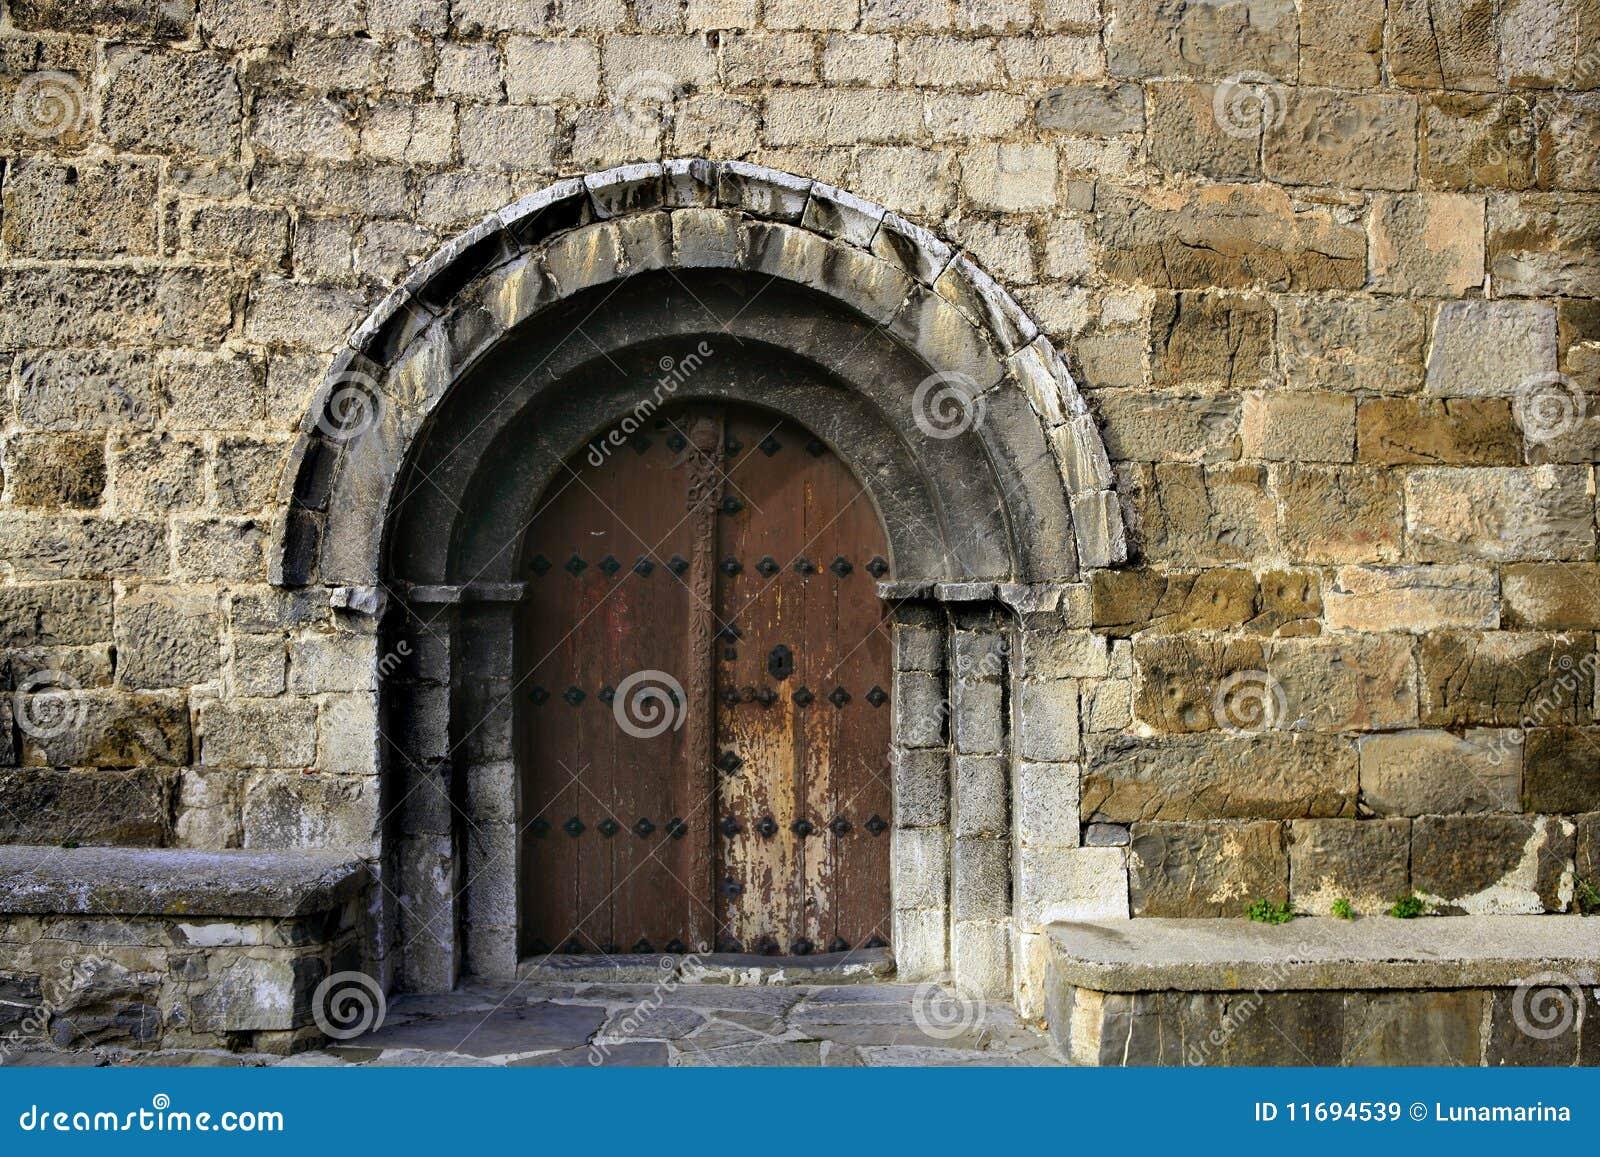 Architecture romanic de voûte en pierre antique